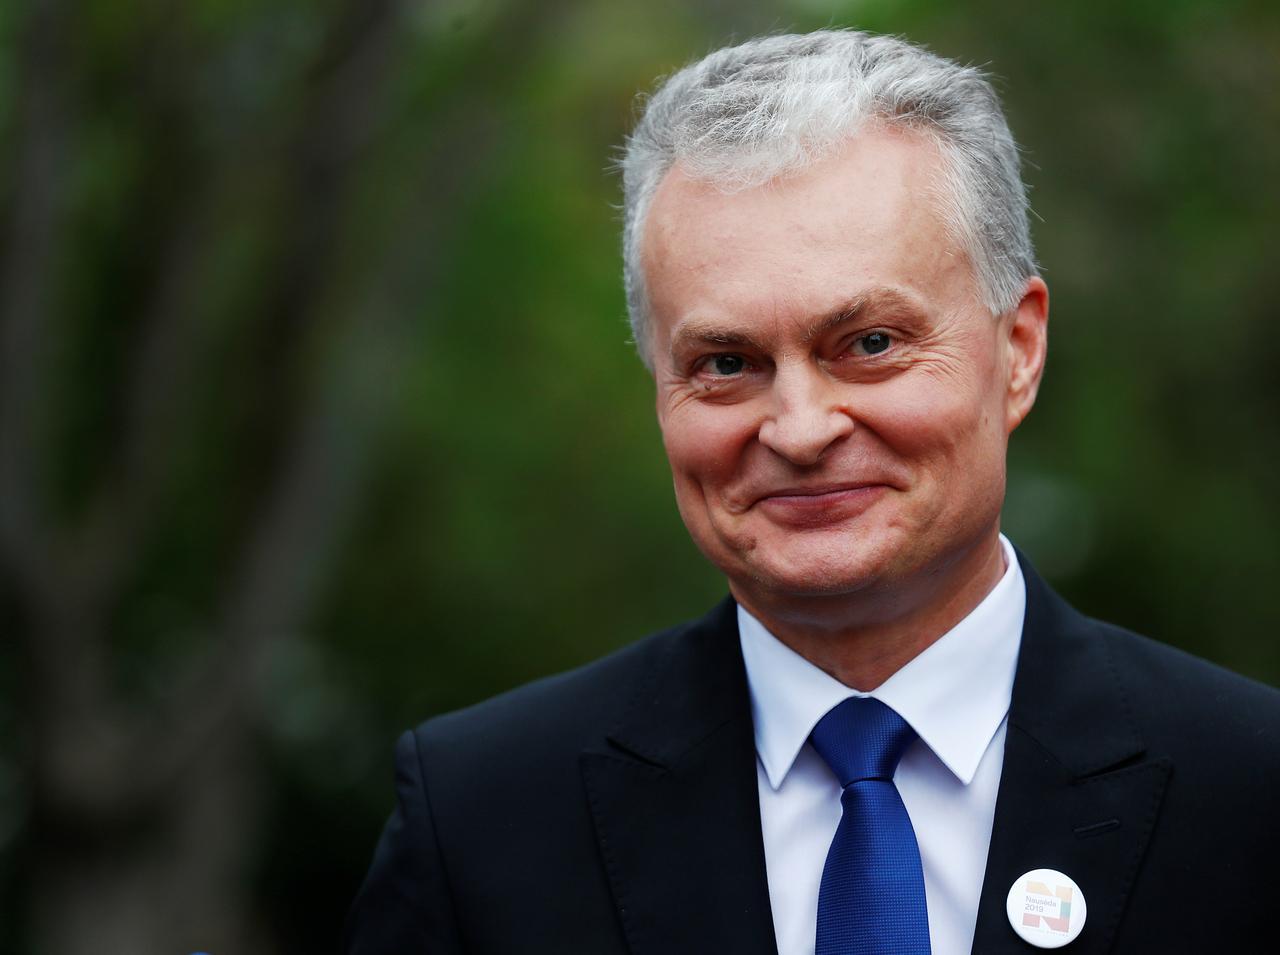 立陶宛又对中国张牙舞爪,弹丸小国哪来的底气?